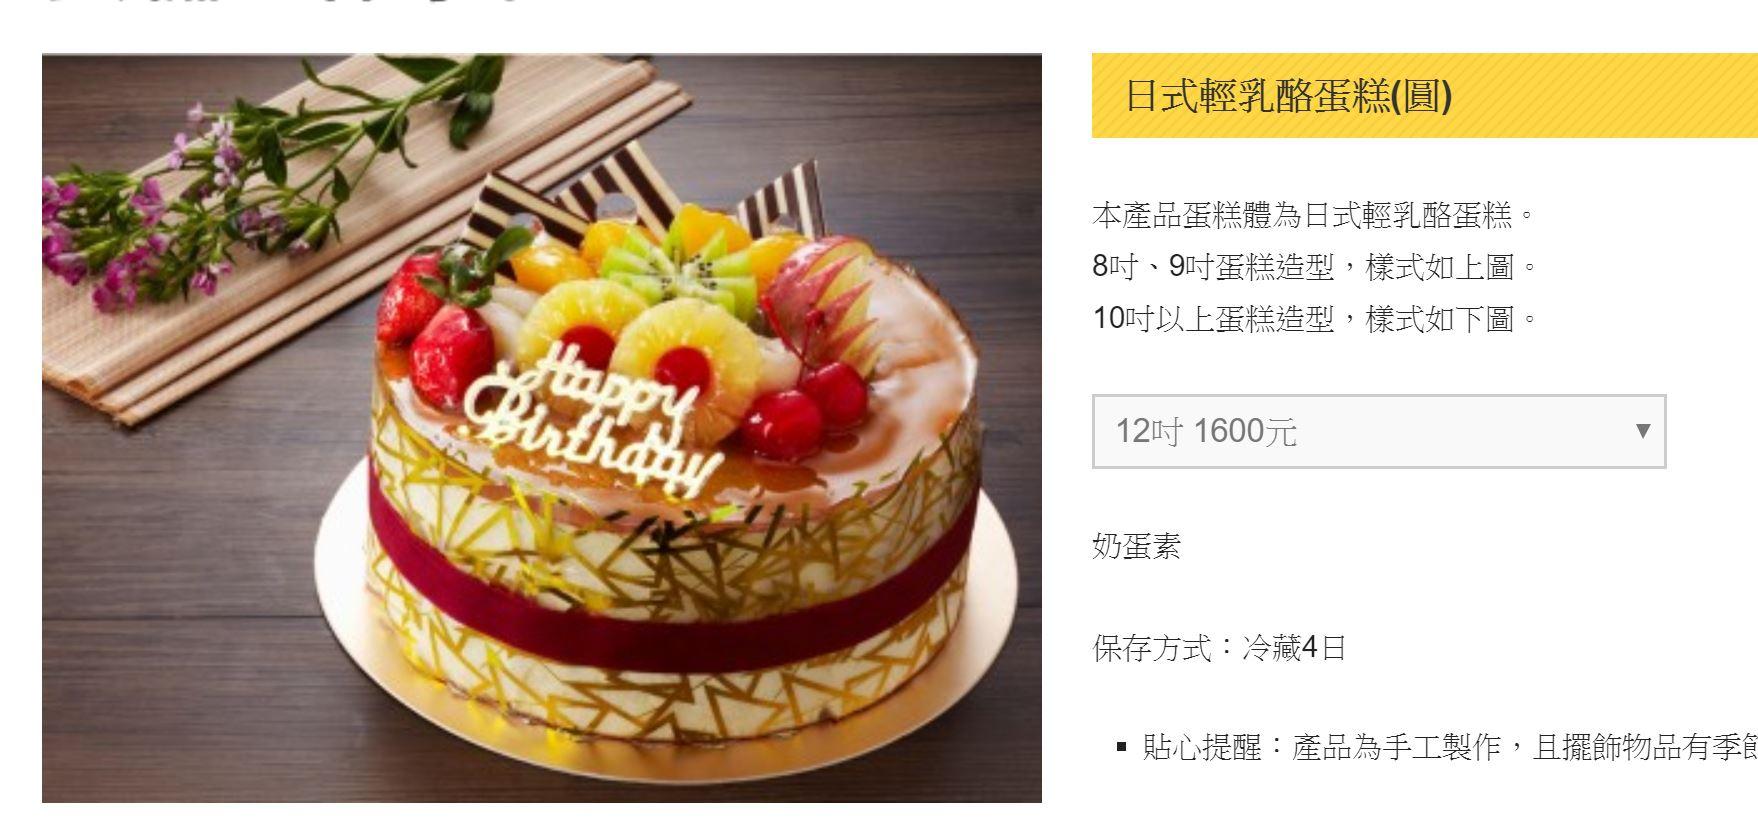 芝玫蛋糕,雲朵般柔軟濕潤的日式輕乳酪蛋糕